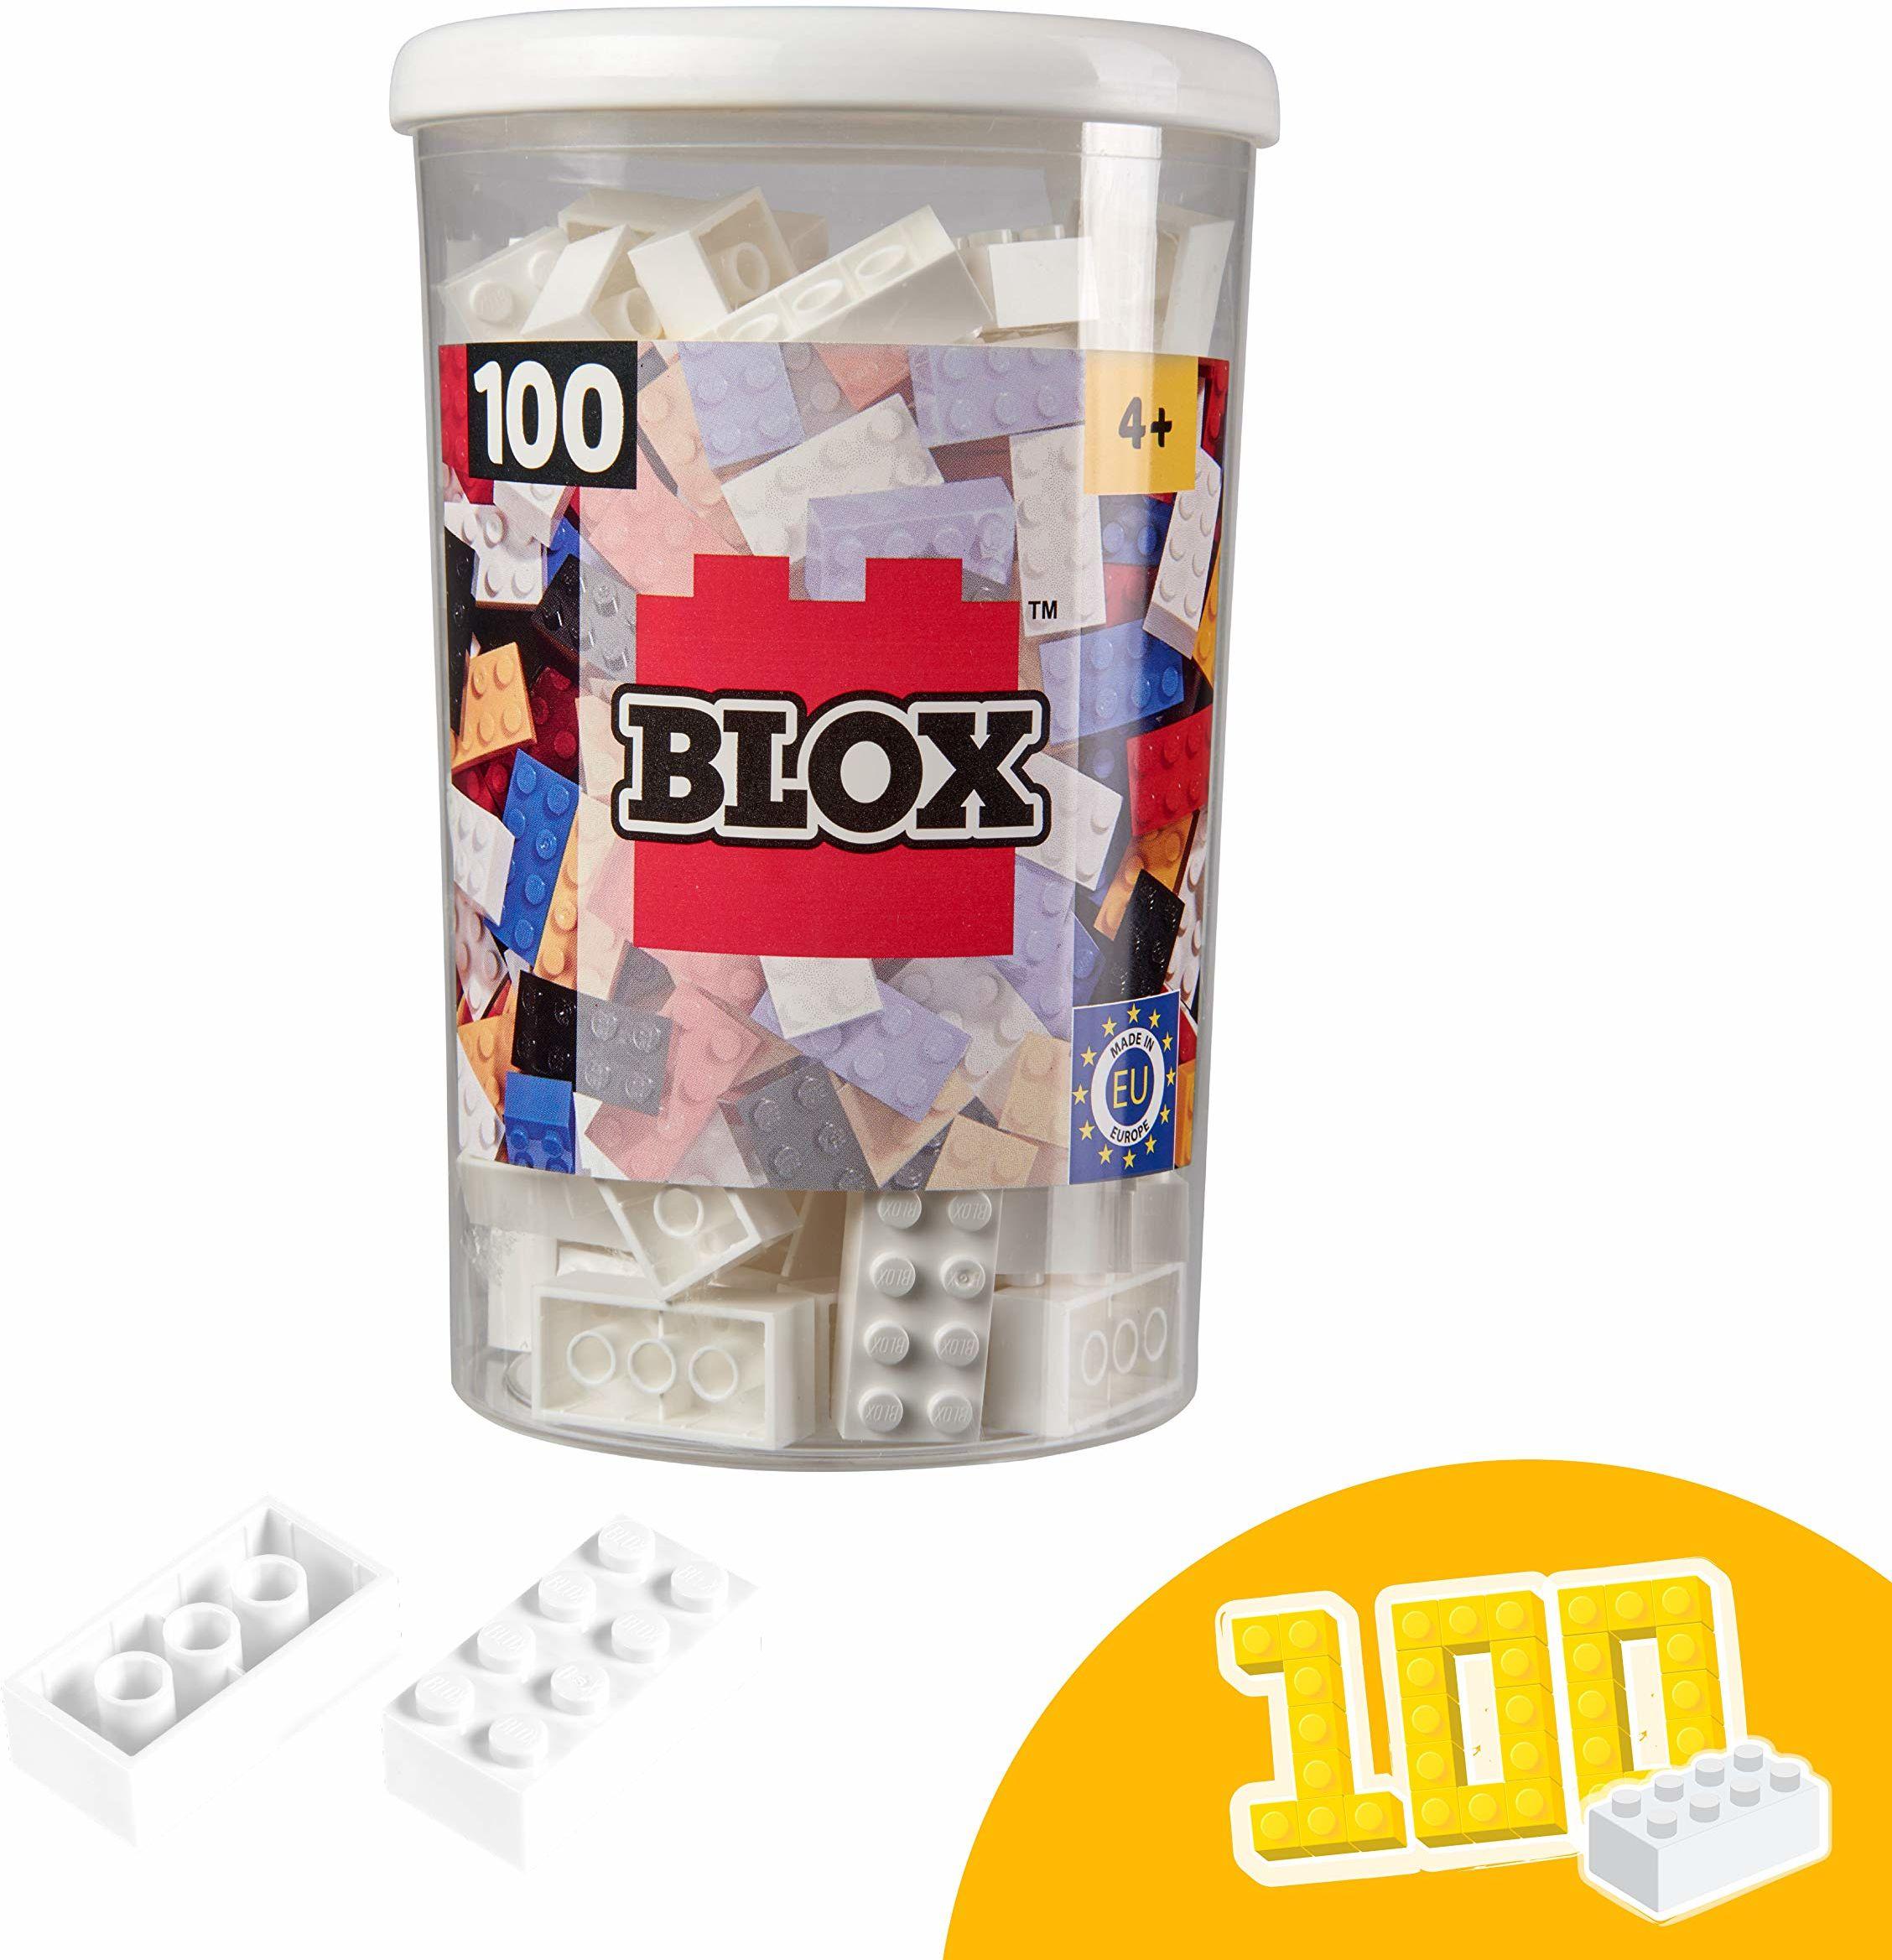 Simba 104118915, Blox, 100 białych klocków dla dzieci od 3 lat, 8 kamieni, w zestawie puszka, wysoka jakość, w pełni kompatybilne z produktami innych producentów